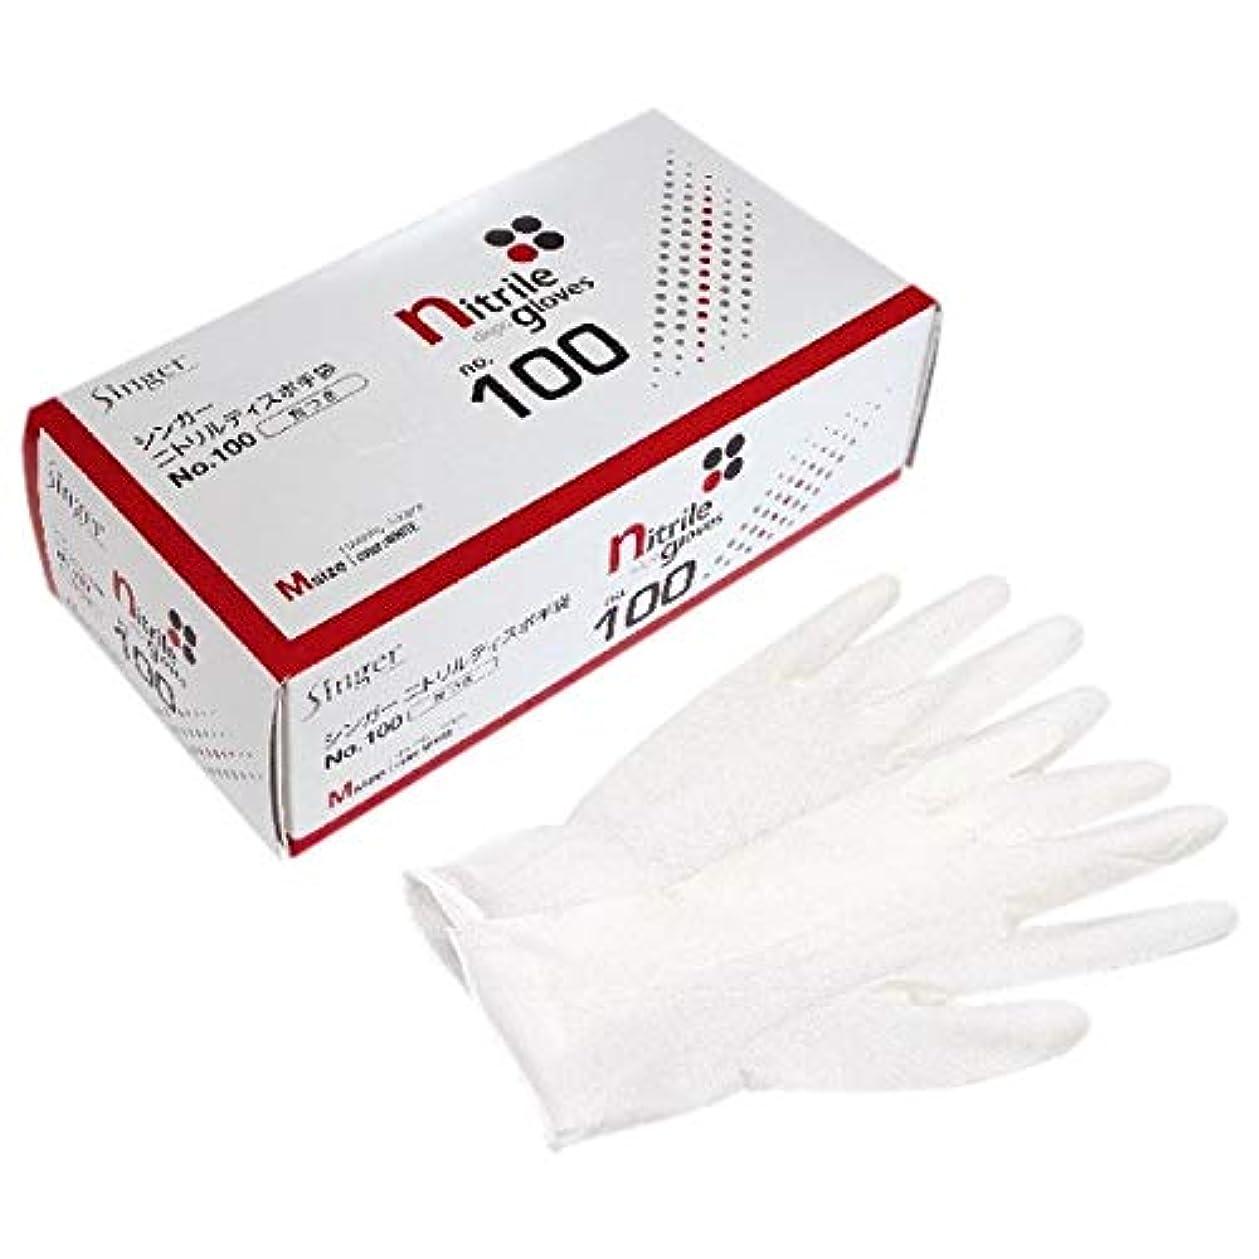 シンガーニトリルディスポ手袋 No.100 白 粉付 Sサイズ 100枚